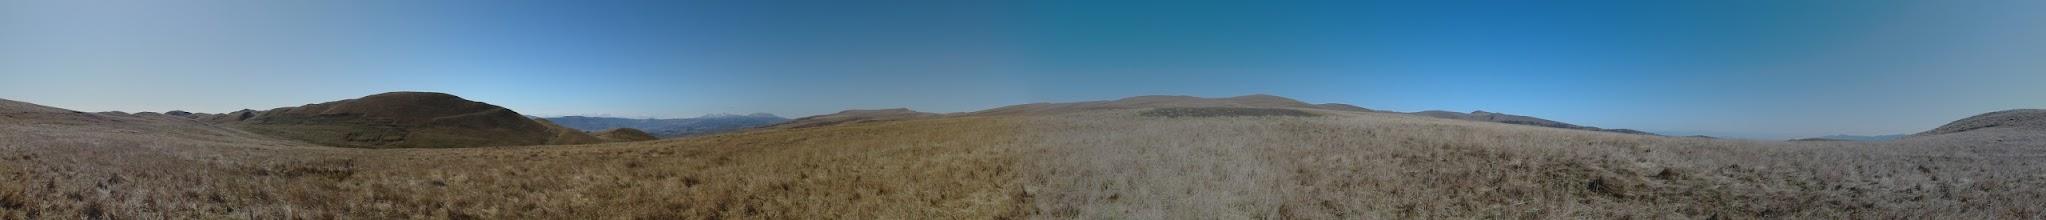 Photo: Panorama spod grzbietu Kartalinia. Na horyzoncie po lewej: Góry Abul-Samsarskie i część Pasma Trialeckiego ze szczytem Ardzhevani.